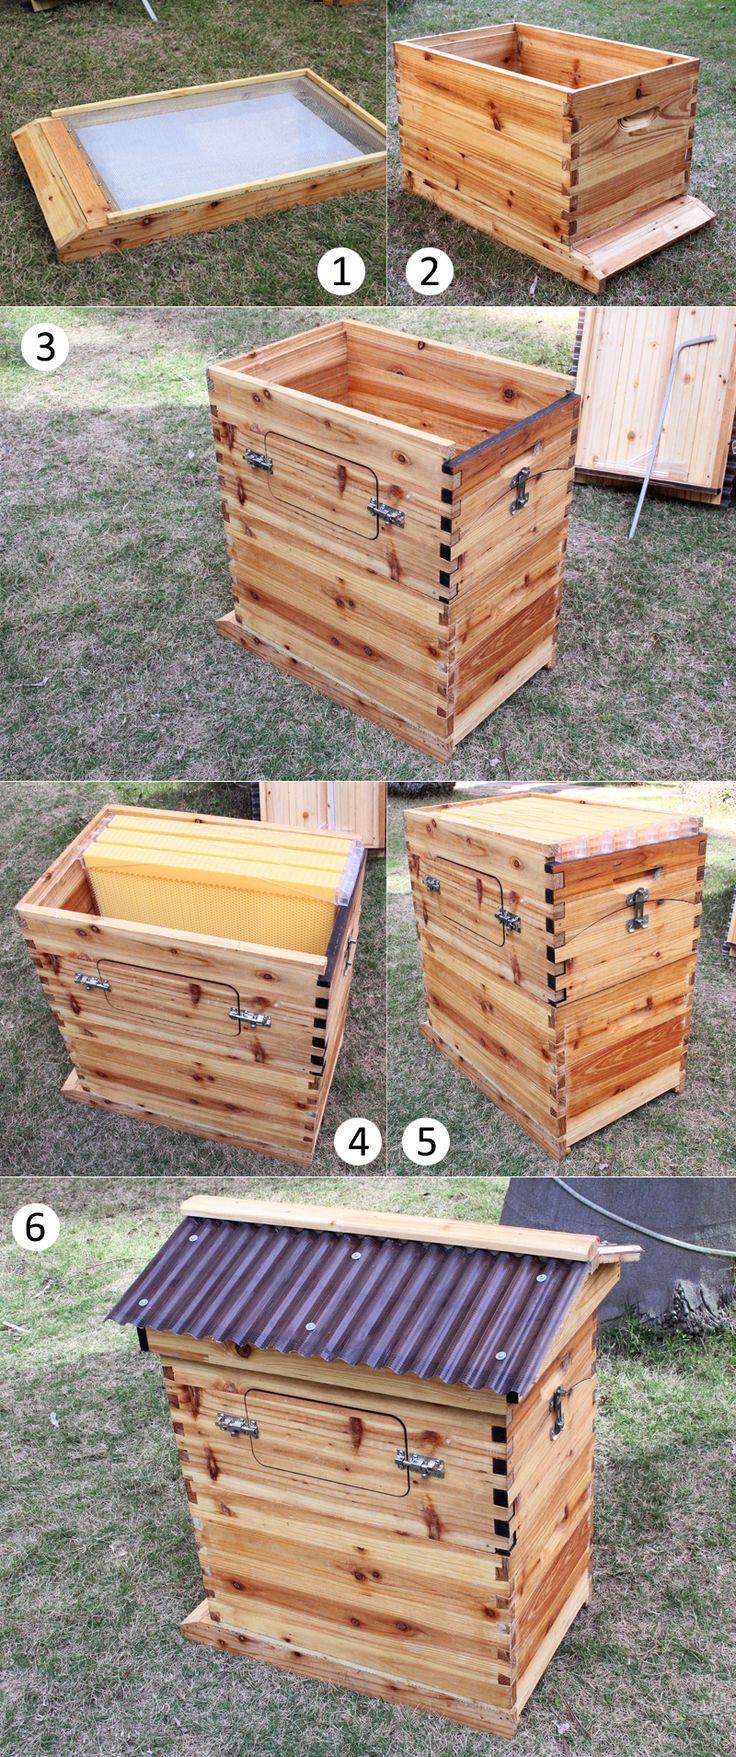 フローハイブ安全な自動ハチミツ採取巣箱 ハニカムボード Flow Hive